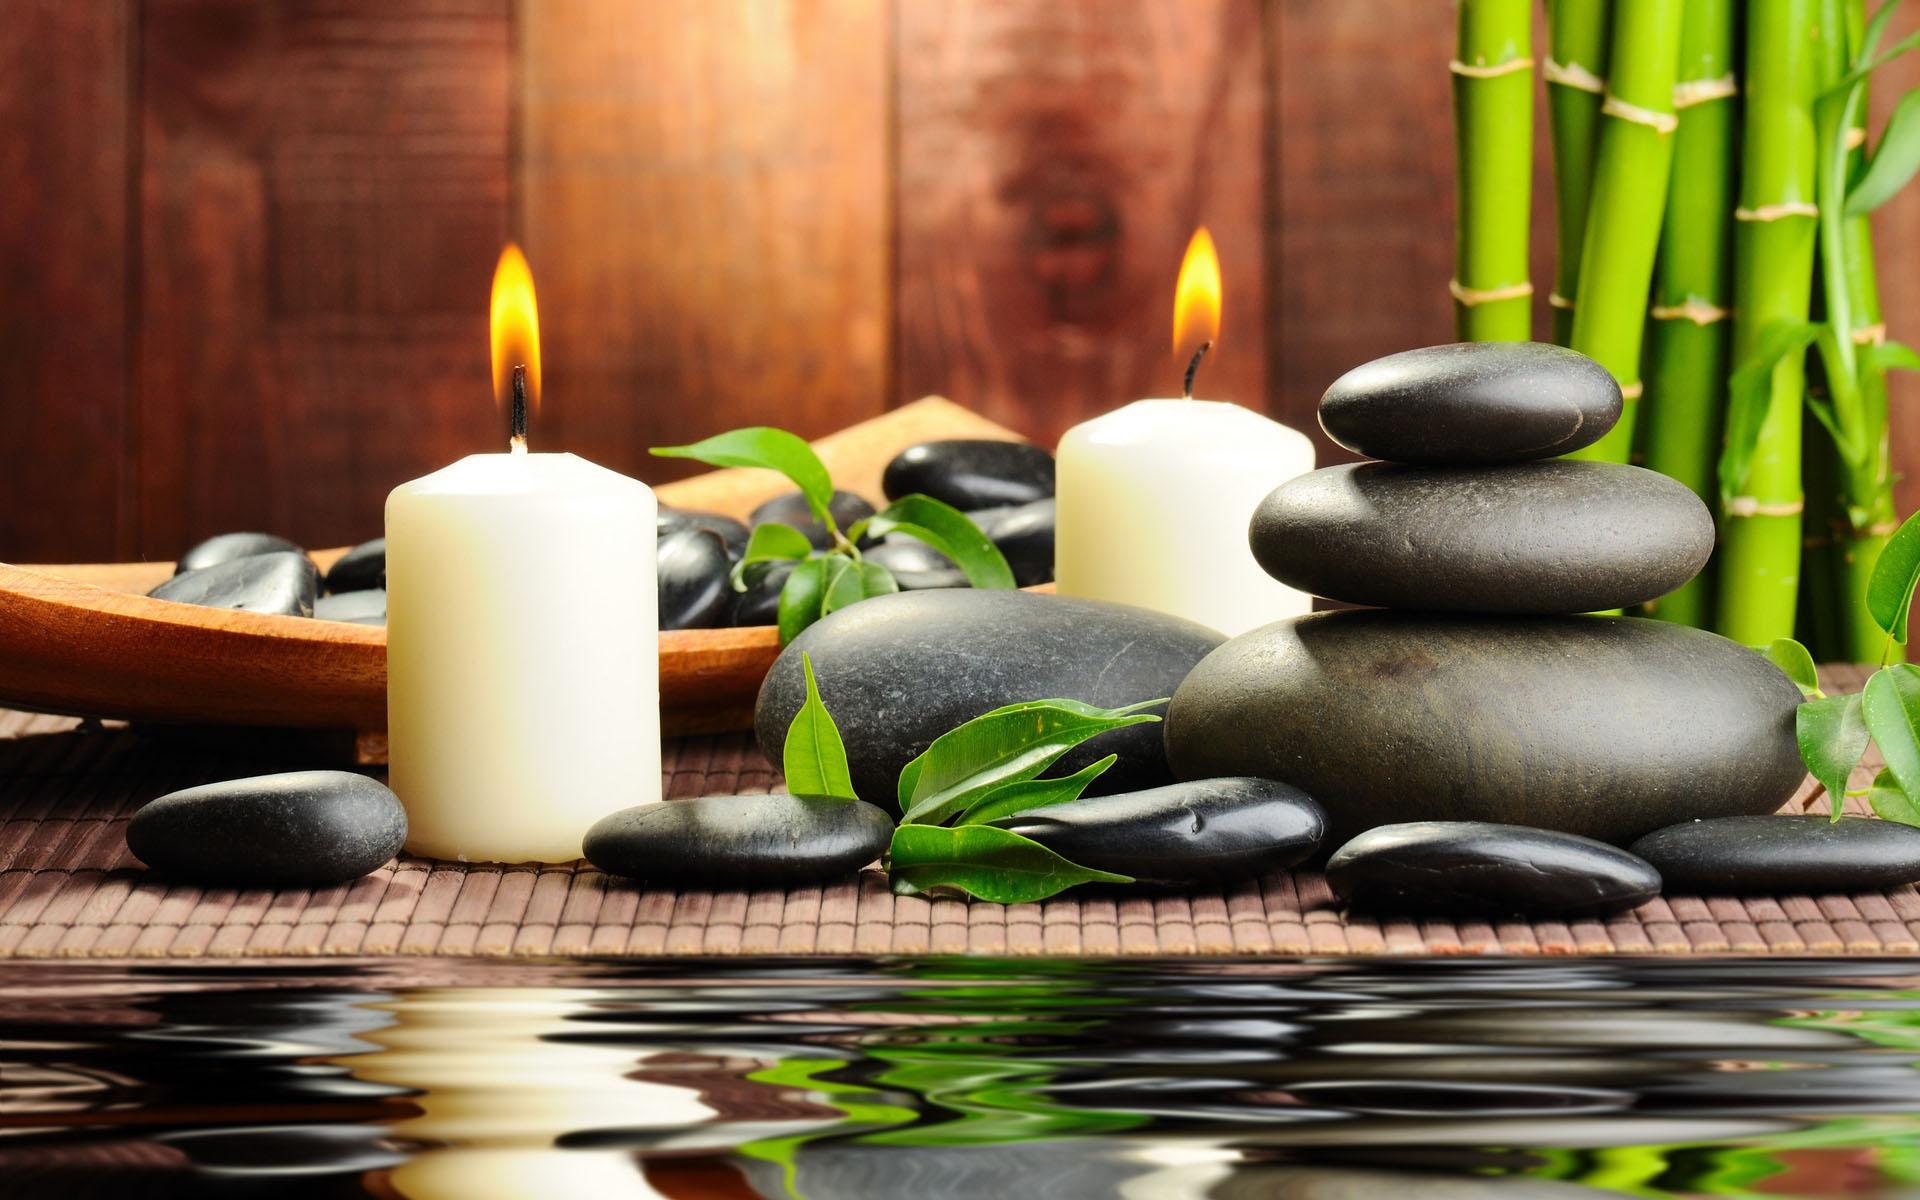 Annuaire du massage bien être, massage traditionnel, massage assis